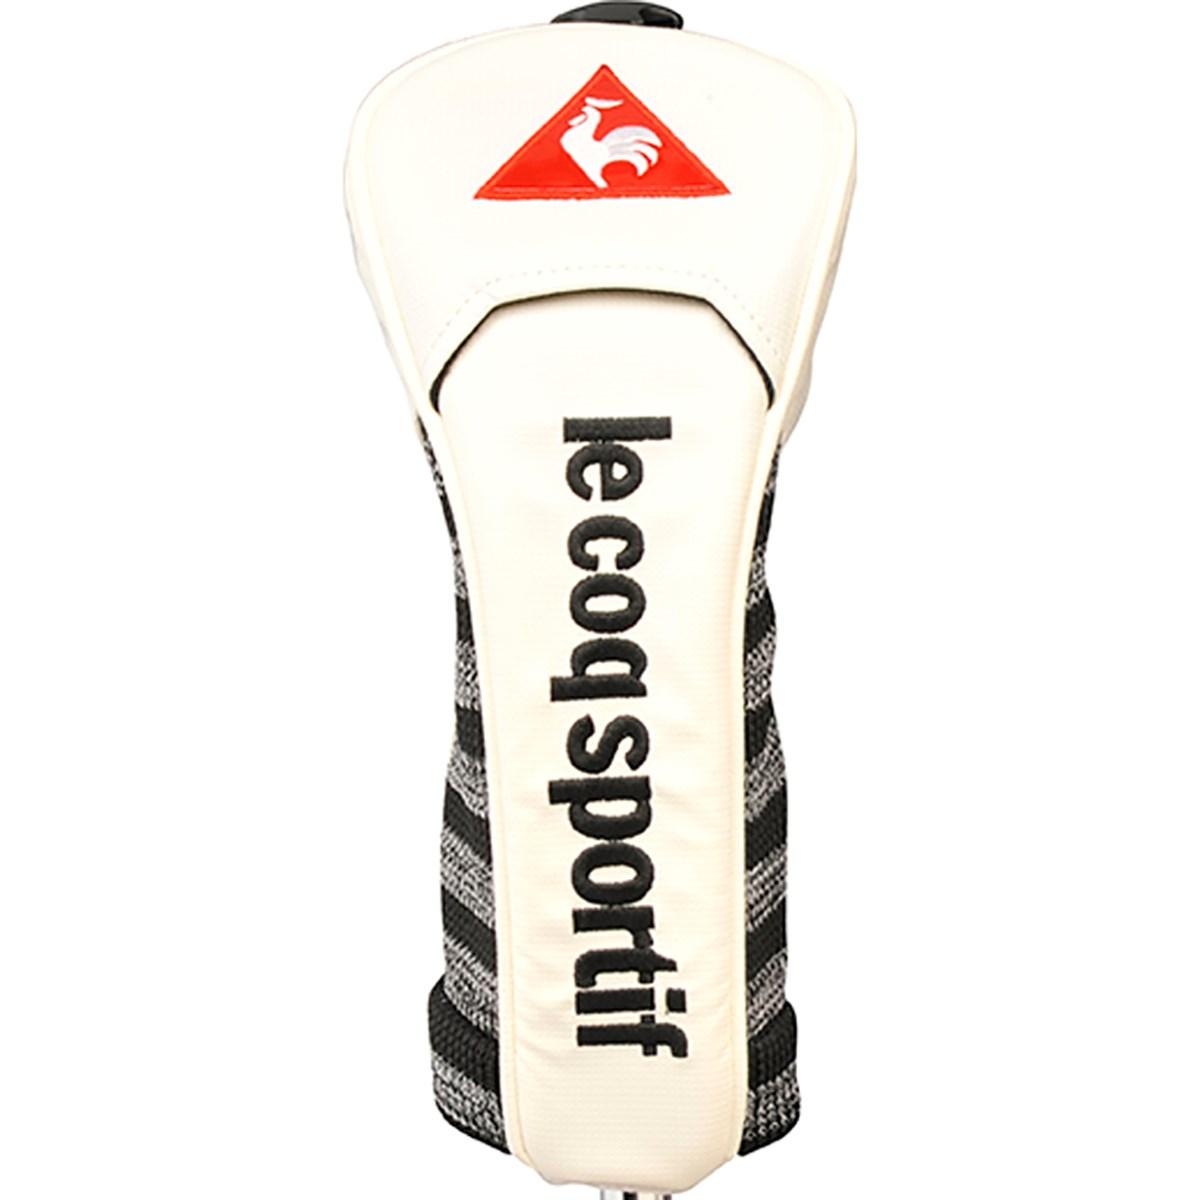 [2020年モデル] ルコックゴルフ Le coq sportif GOLF ヘッドカバー FW用 ホワイト 00 メンズ